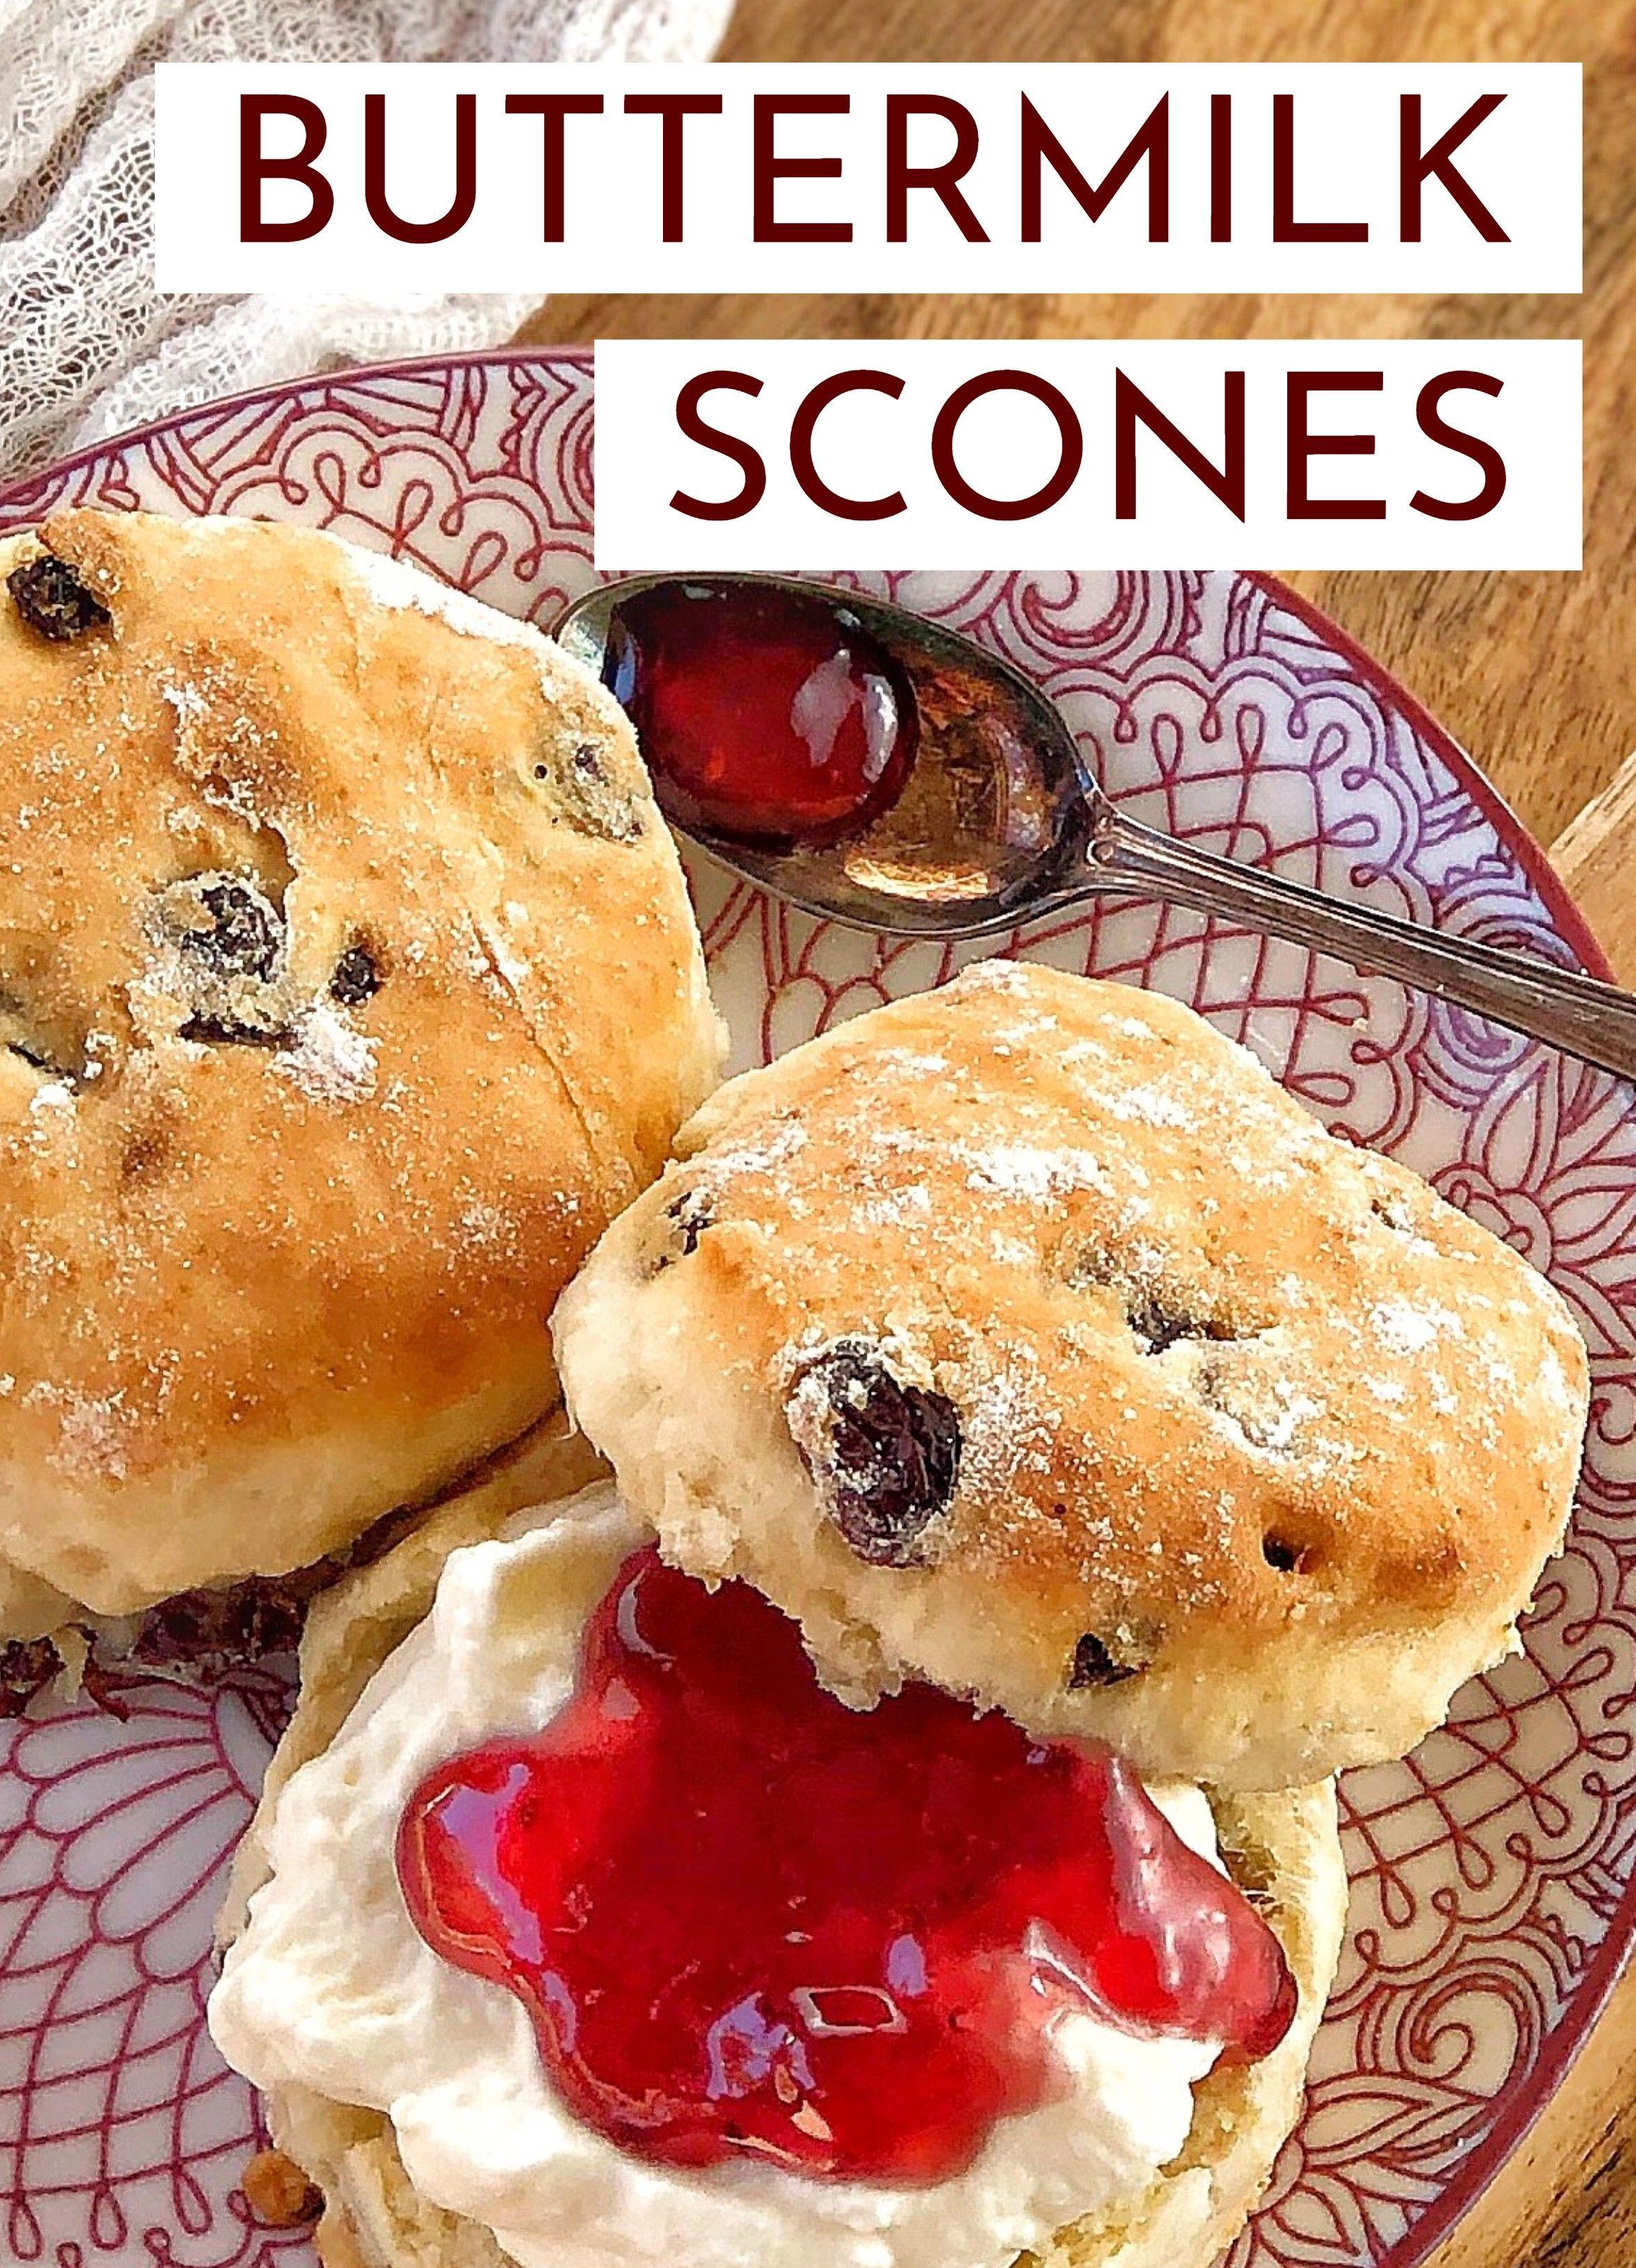 Sultana Scones In 2020 Best Scone Recipe Sultana Scone Recipe Baking Scones